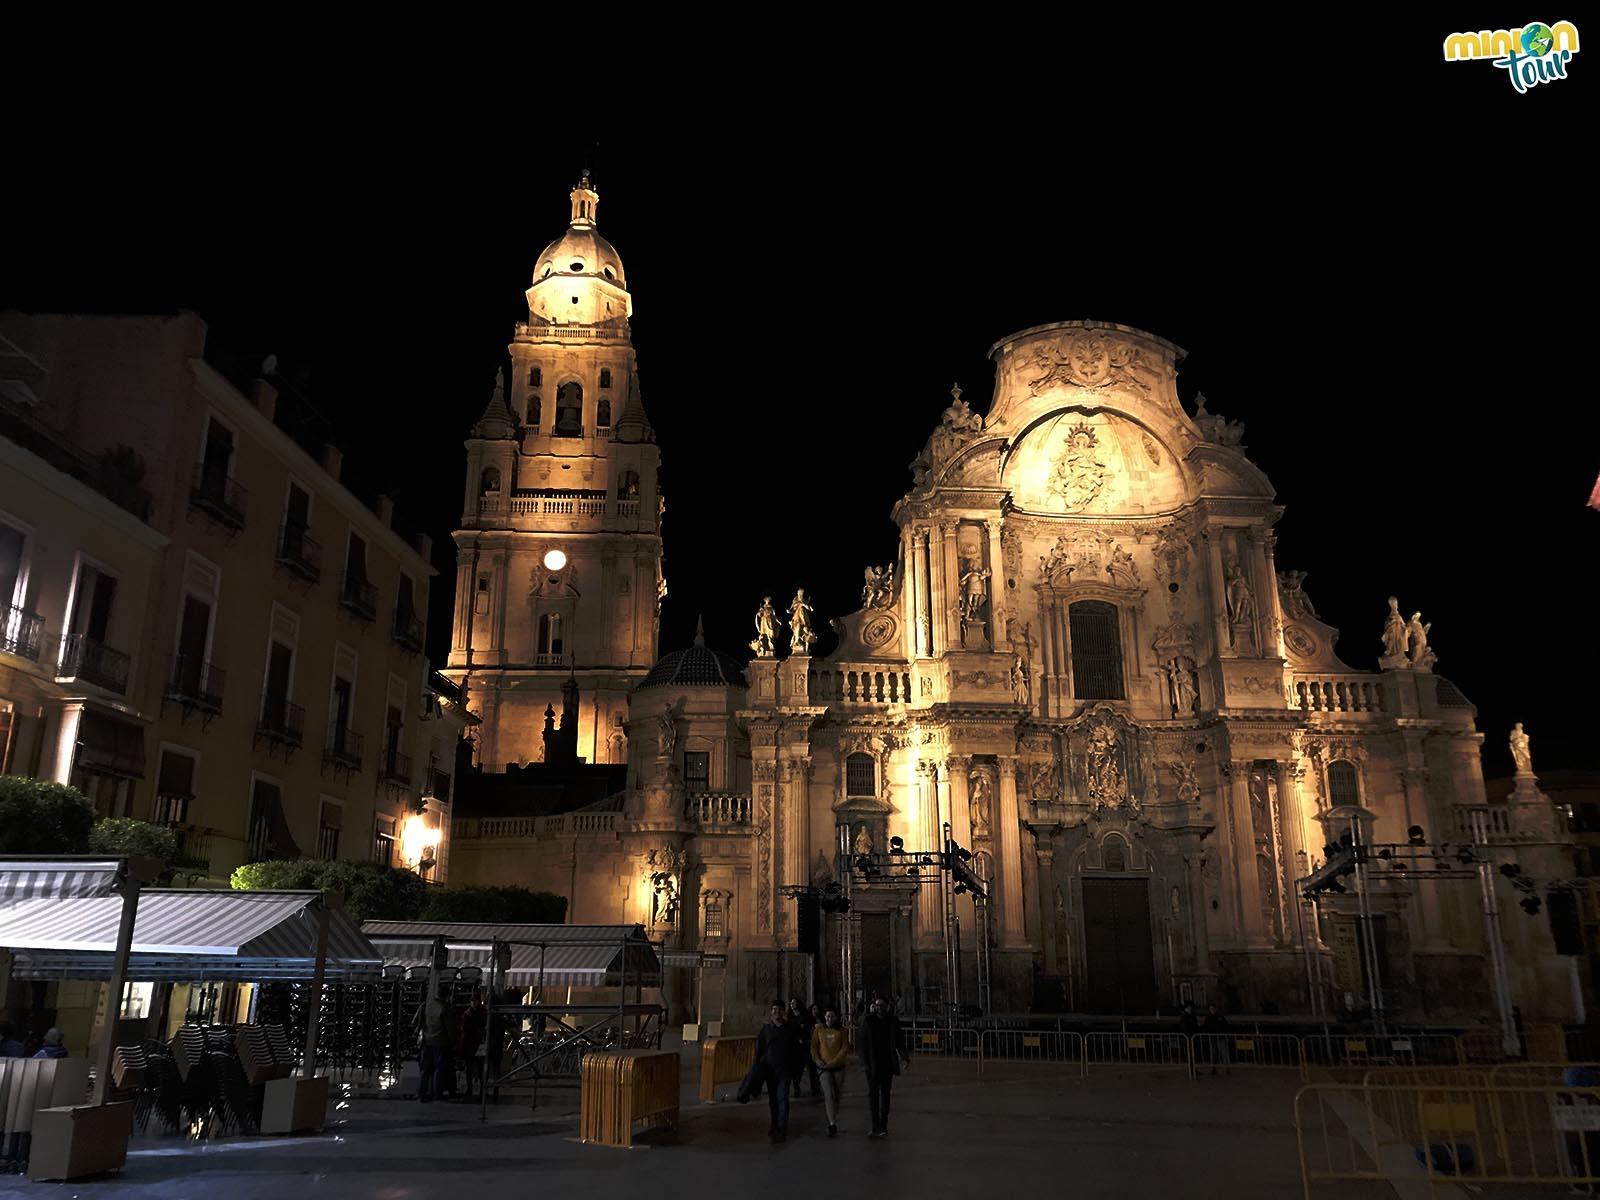 La Catedral de Murcia, bonita por fuera y por dentro